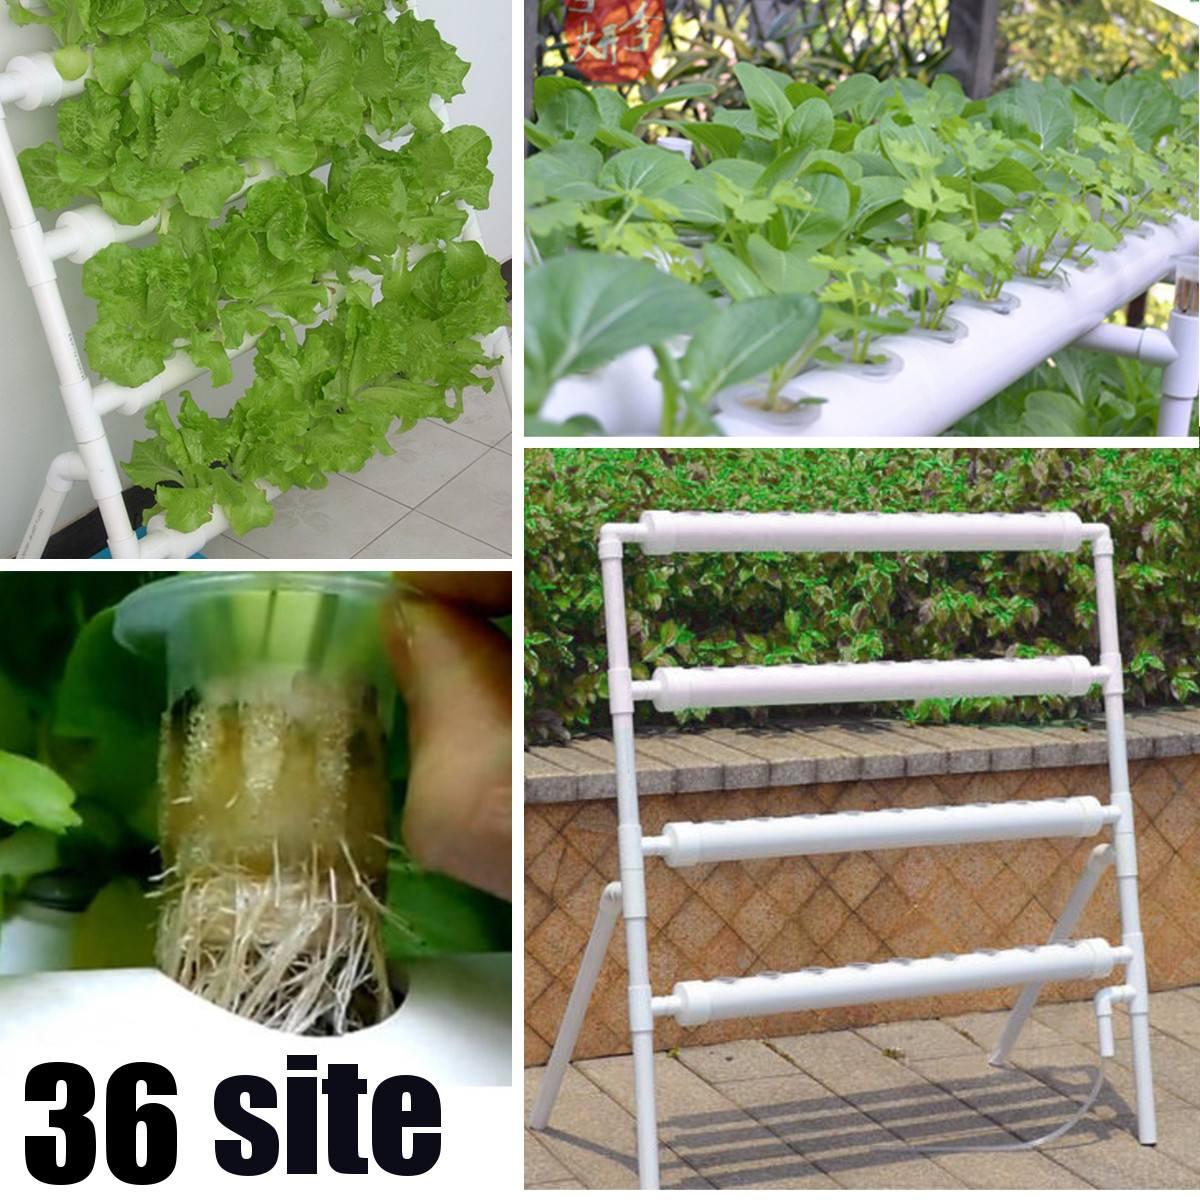 4 طبقات 36 مواقع الزراعة صناديق زراعة هيدروجينية أفقية عدة حديقة النبات زراعة الخضروات تنمو صندوق نظام ثقافة المياه العميقة